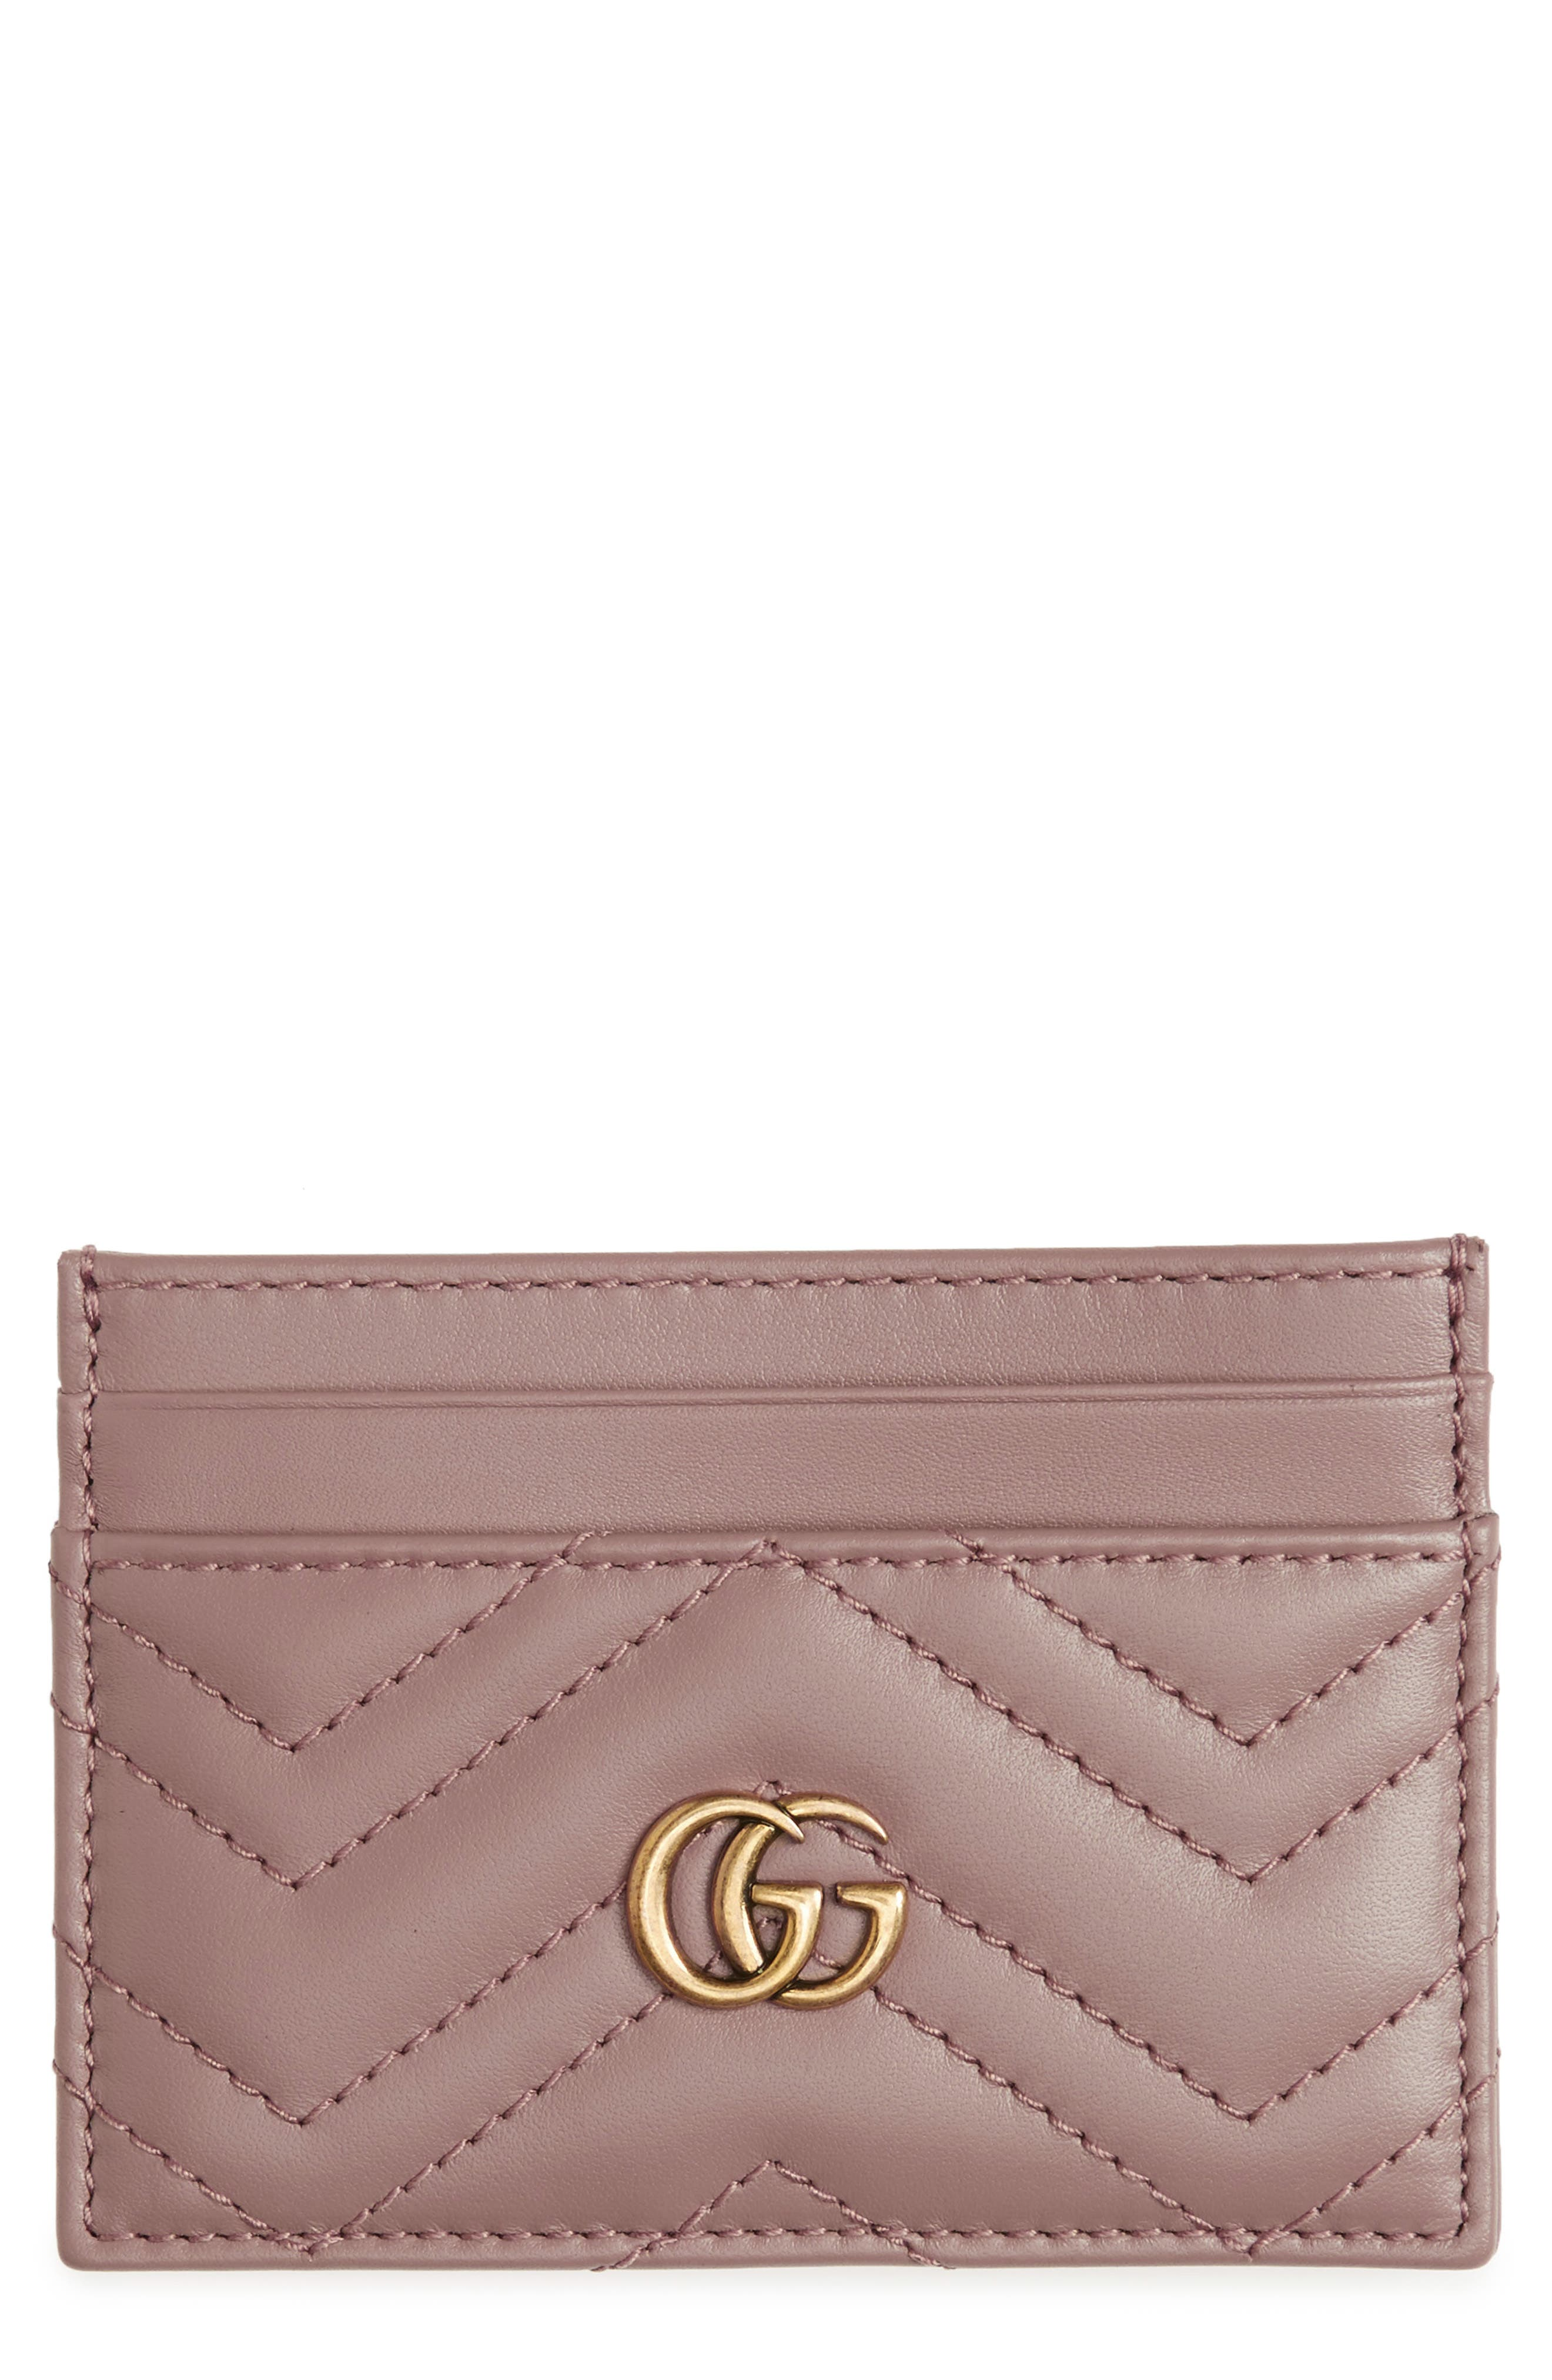 GG Marmont Matelassé Leather Card Case,                             Main thumbnail 1, color,                             Porcelain Rose